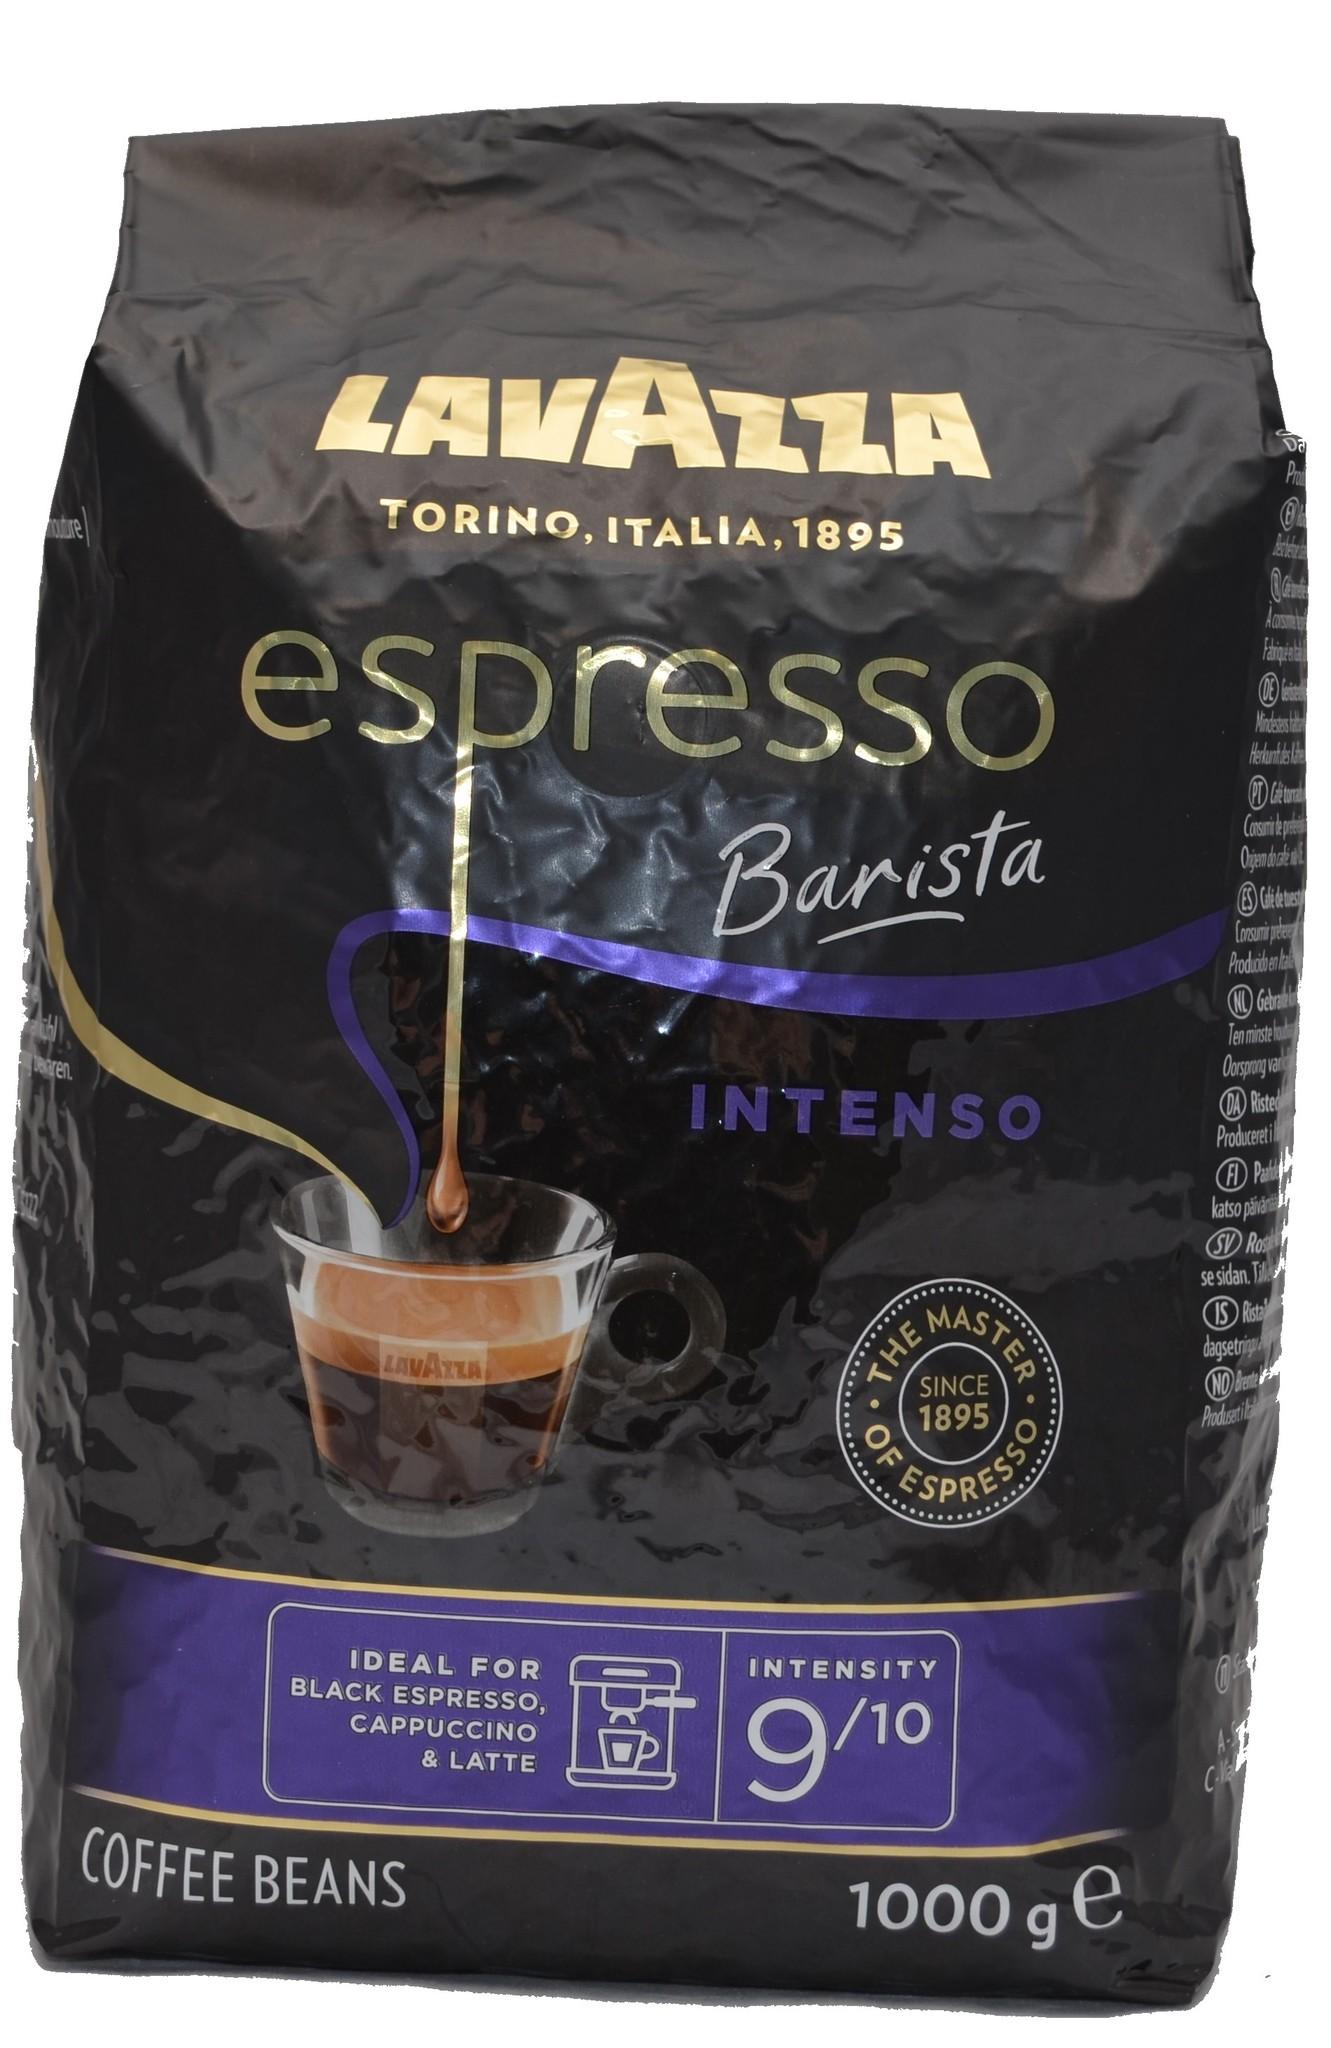 Lavazza Espresso Barista Intenso Bohnen 1 kg ab € 11.95